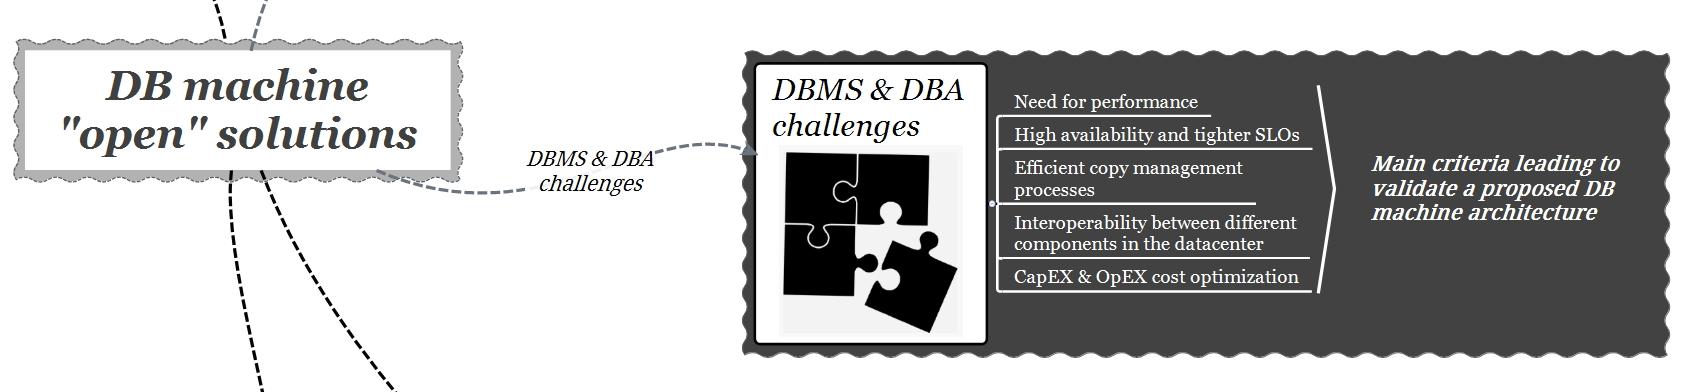 db machine open - dbms challenges